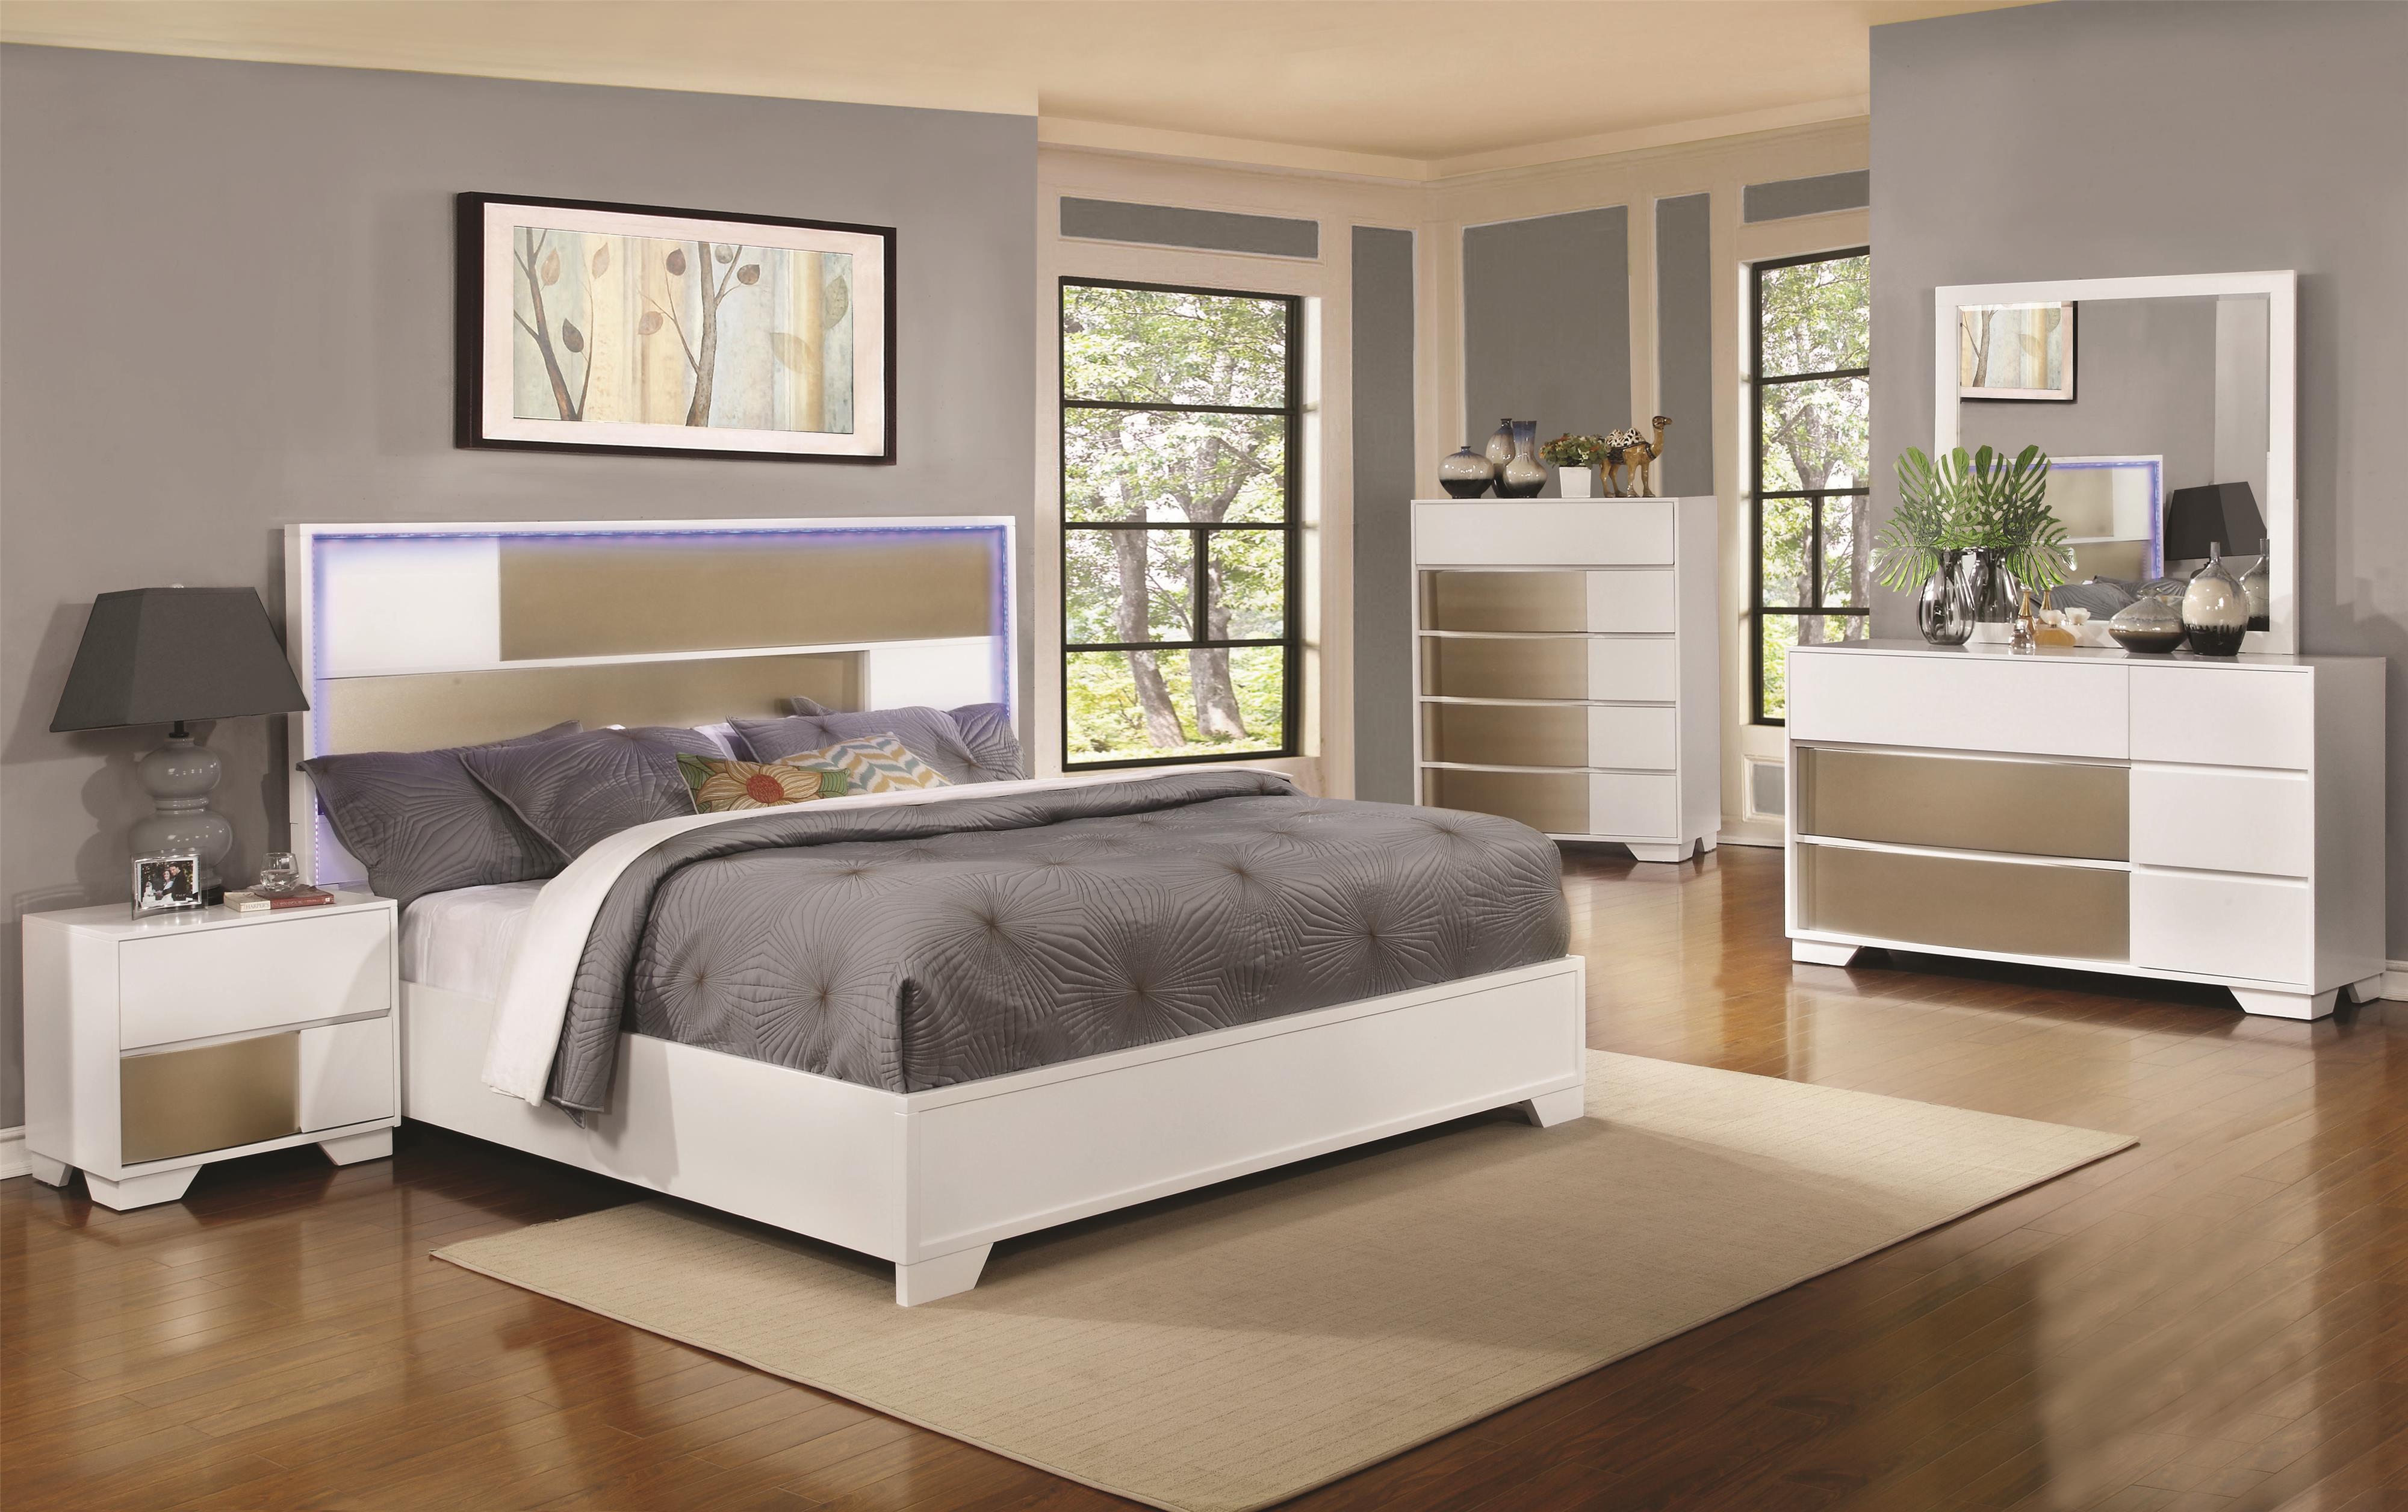 Coaster Havering King Bedroom Group - Item Number: 2047 K Bedroom Group